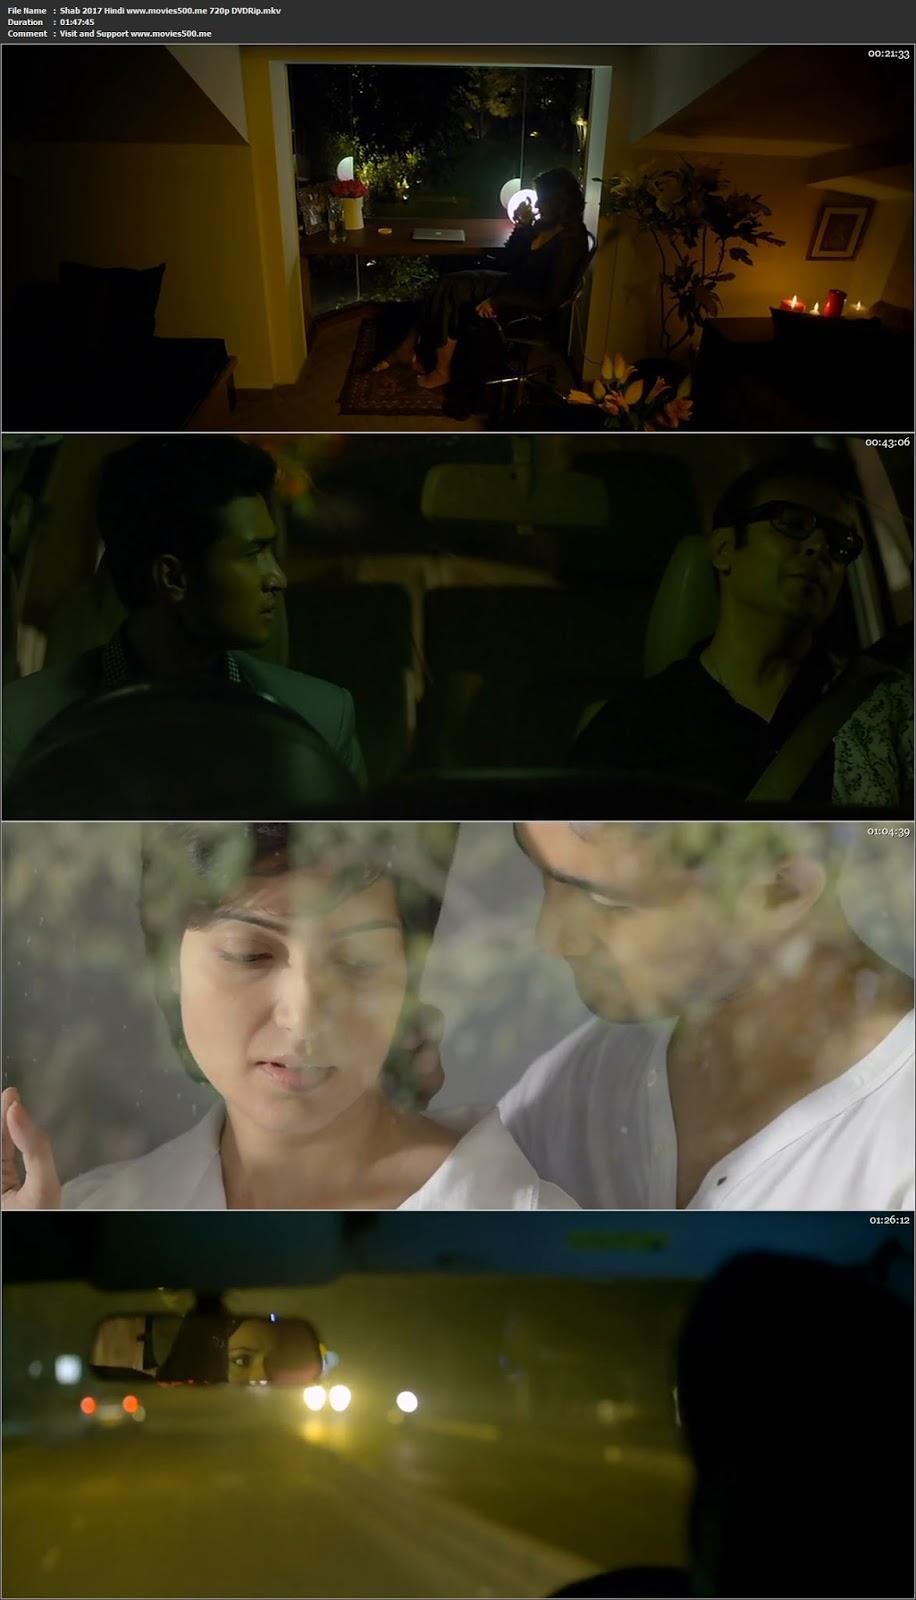 Shab 2017 Hindi Full Movie 800MB DVDRip 720p at sweac.org